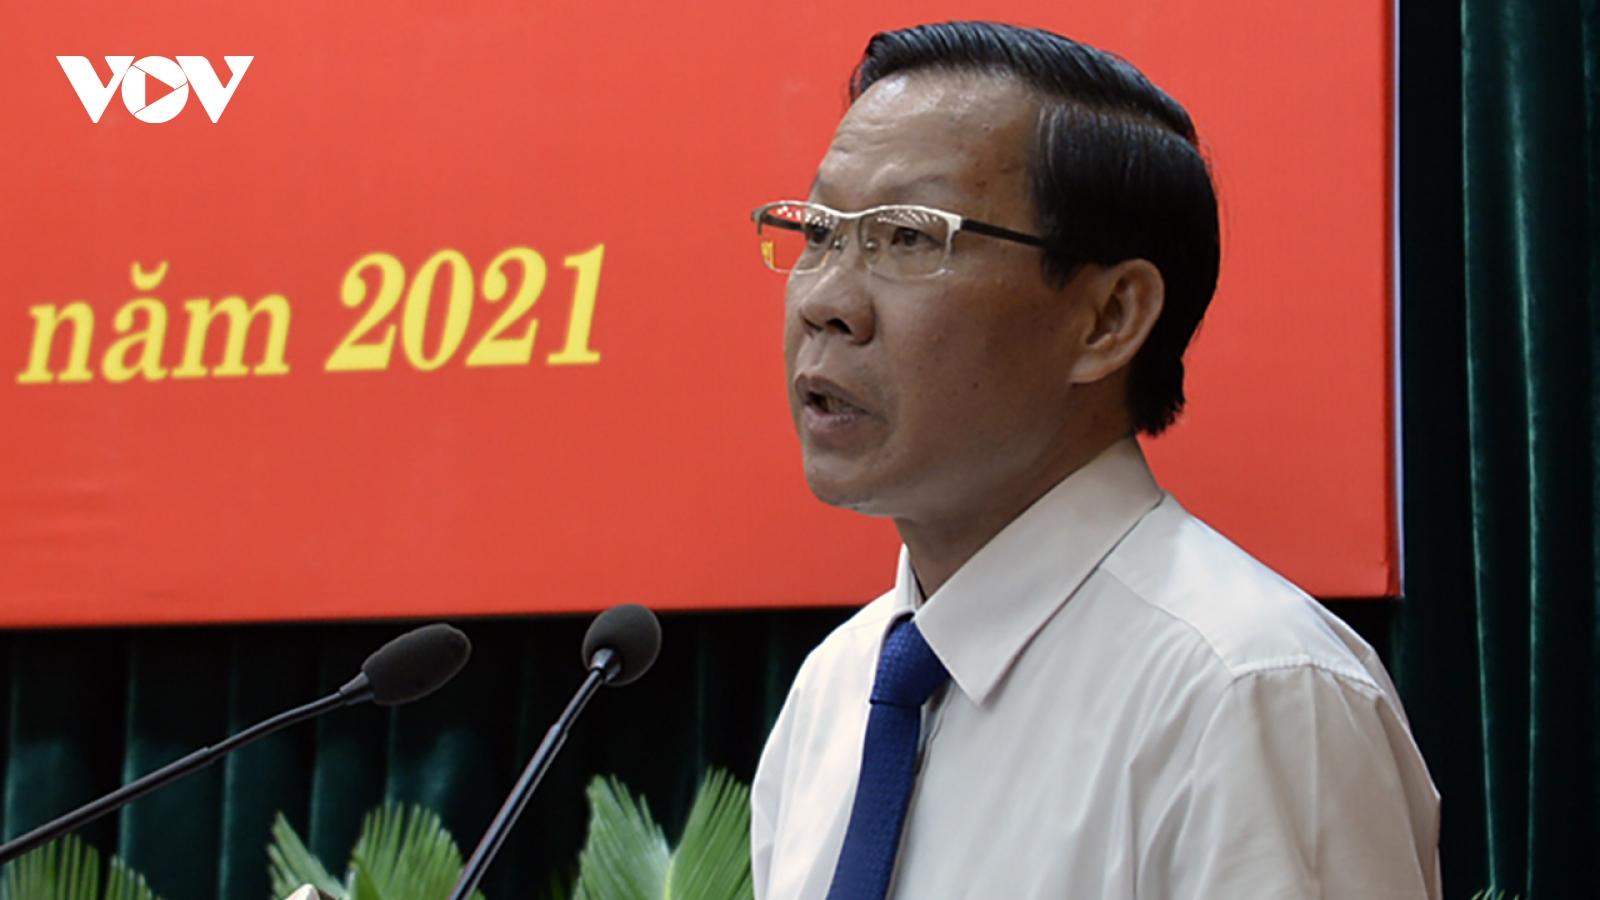 Ông Phan Văn Mãi dự kiến được giới thiệu bầu làm Chủ tịch UBND TP.HCM